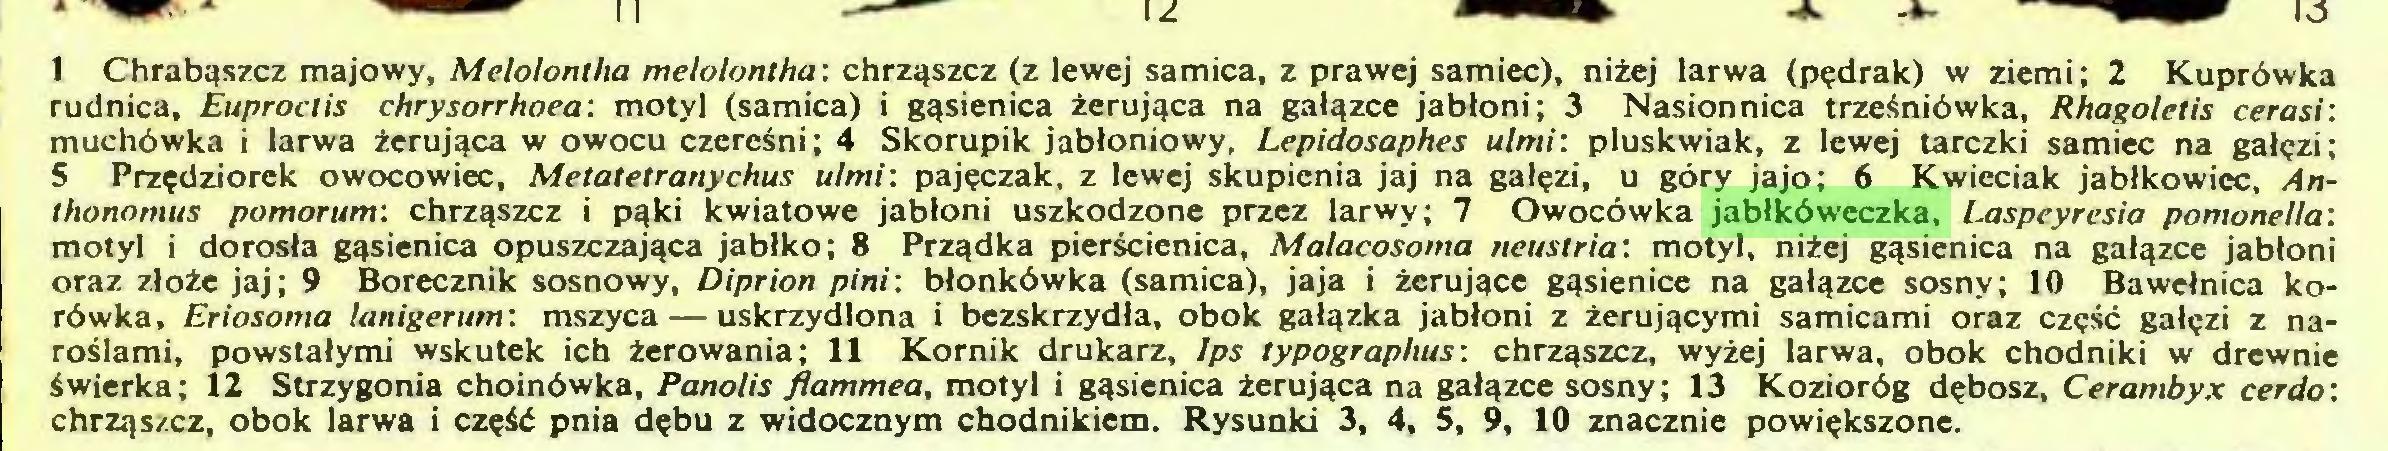 (...) 1 Chrabąszcz majowy, Melolontha melolontha: chrząszcz (z lewej samica, z prawej samiec), niżej larwa (pędrak) w ziemi; 2 Kuprówka rudnica, Euproclis chrysorrhoea: motyl (samica) i gąsienica żerująca na gałązce jabłoni; 3 Nasionnica trześniówka, Rhagoletis cerasi: muchówka i larwa żerująca w owocu czereśni; 4 Skorupik jabłoniowy, Lepidosaphes ulmi: pluskwiak, z lewej tarczki samiec na gałęzi; S Przędziorek owocowiec, Metatetranychus ulmi: pajęczak, z lewej skupienia jaj na gałęzi, u góry jajo; 6 Kwieciak jablkowicc, Anthonomus pomorum: chrząszcz i pąki kwiatowe jabłoni uszkodzone przez larwy; 7 Owocówka jabłkóweczka, Laspeyresia pomonella: motyl i dorosła gąsienica opuszczająca jabłko; 8 Prządka pierścienica, Malacosoma neustria: motyl, niżej gąsienica na gałązce jabłoni oraz złoże jaj; 9 Borecznik sosnowy, Diprion pini: błonkówka (samica), jaja i żerujące gąsienice na gałązce sosny; 10 Bawełnica korówka, Eriosoma lanigerum: mszyca — uskrzydlona i bezskrzydła, obok gałązka jabłoni z żerującymi samicami oraz część gałęzi z naroślami, powstałymi wskutek ich żerowania; 11 Kornik drukarz, Ips typographus: chrząszcz, wyżej larwa, obok chodniki w drewnie świerka; 12 Strzygonia choinówka, Panolis flammea, motyl i gąsienica żerująca na gałązce sosny; 13 Kozioróg dębosz, Cerambyx cer do: chrząszcz, obok larwa i część pnia dębu z widocznym chodnikiem. Rysunki 3, 4, 5, 9, 10 znacznie powiększone...